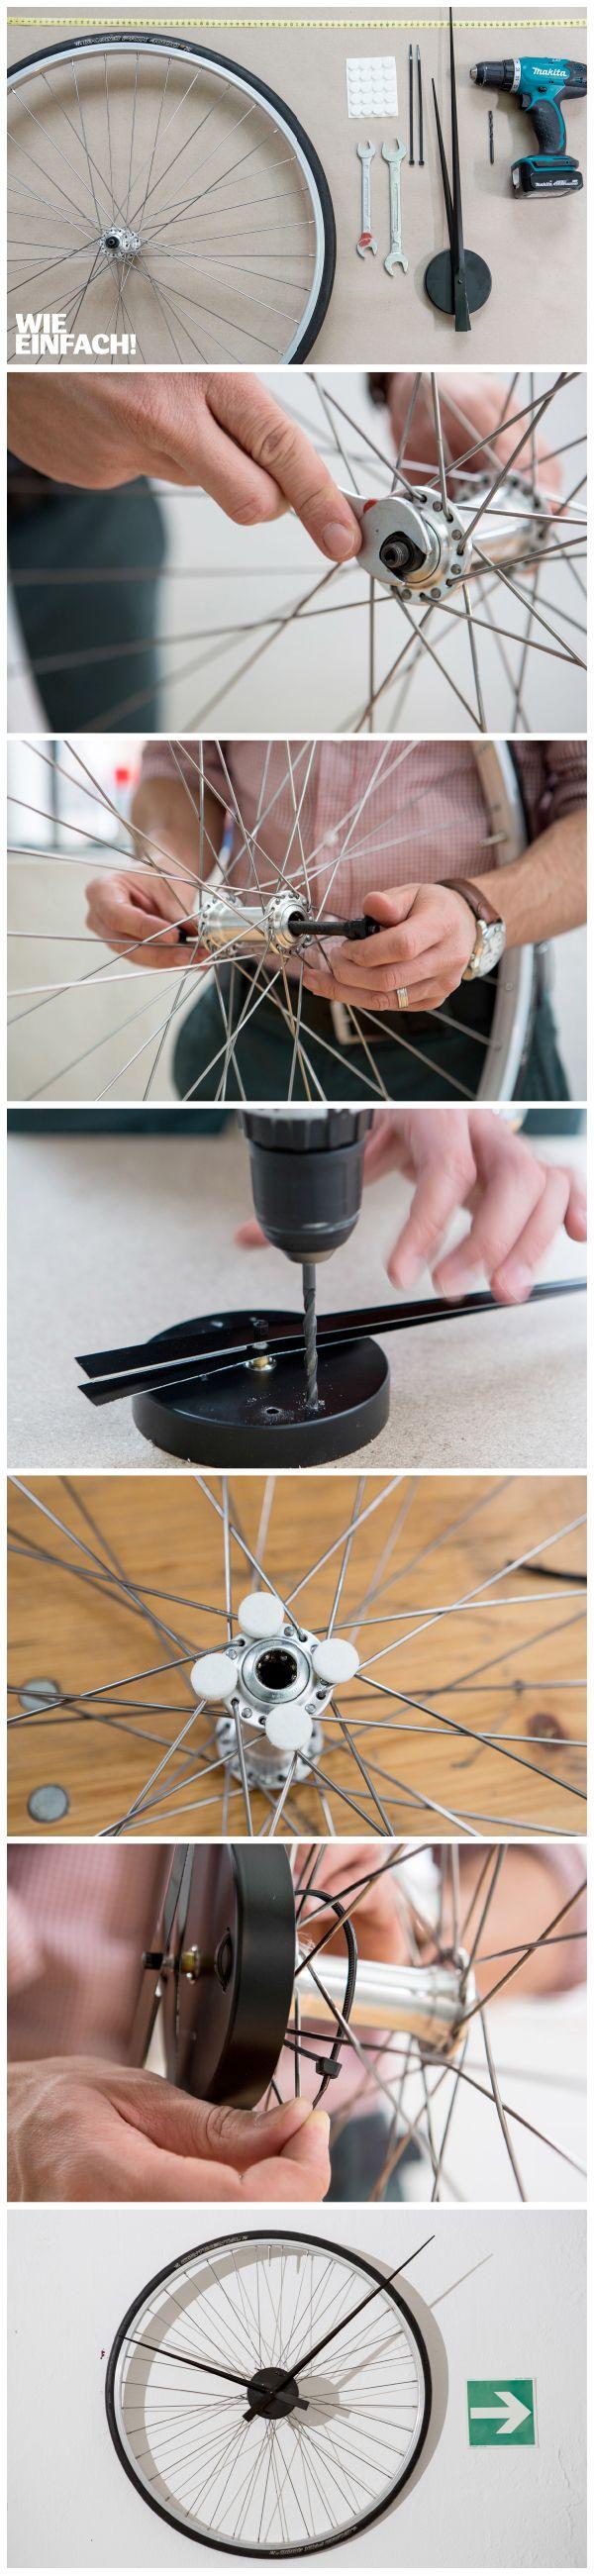 Aus einem alten Rennradreifen lässt sich im Nu eine schöne Wand-Uhr machen :) #Uhr #diy #Rad #Rennrad